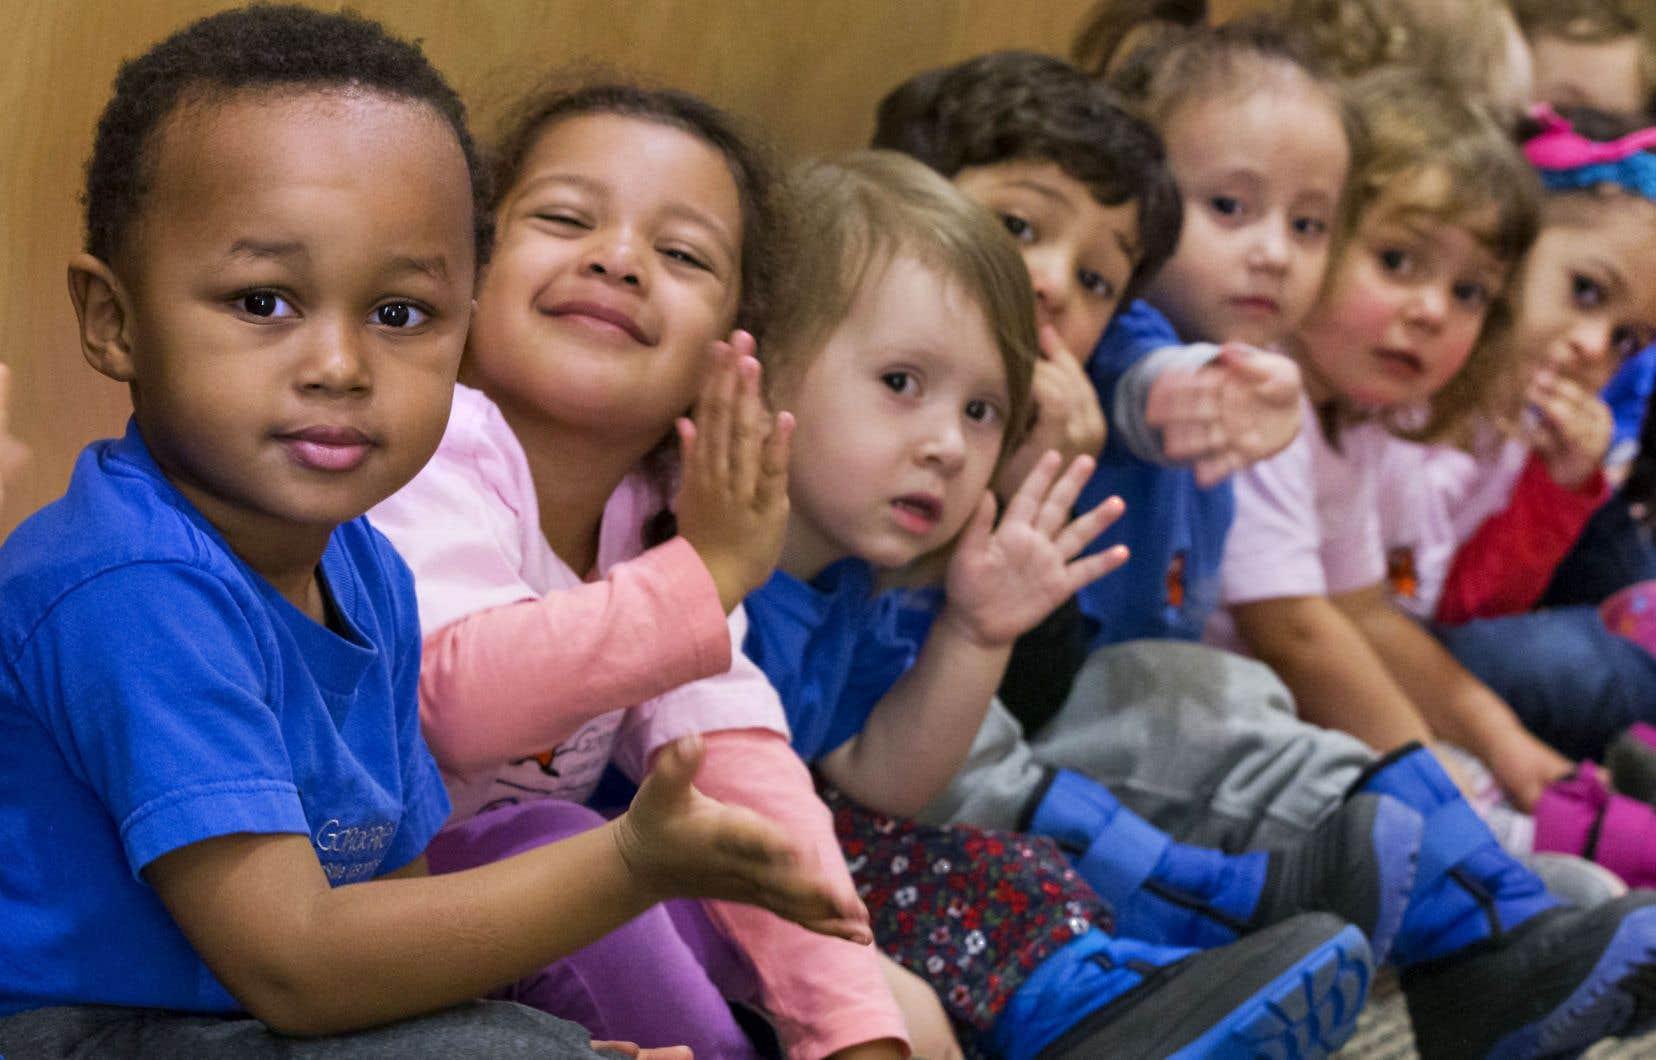 Le taux de signalements concernant des enfants de cinq ans ou moins a connu entre 2008 et 2015 une augmentation de 40%, voire de 50% dans certaines régions, souligne l'auteur.